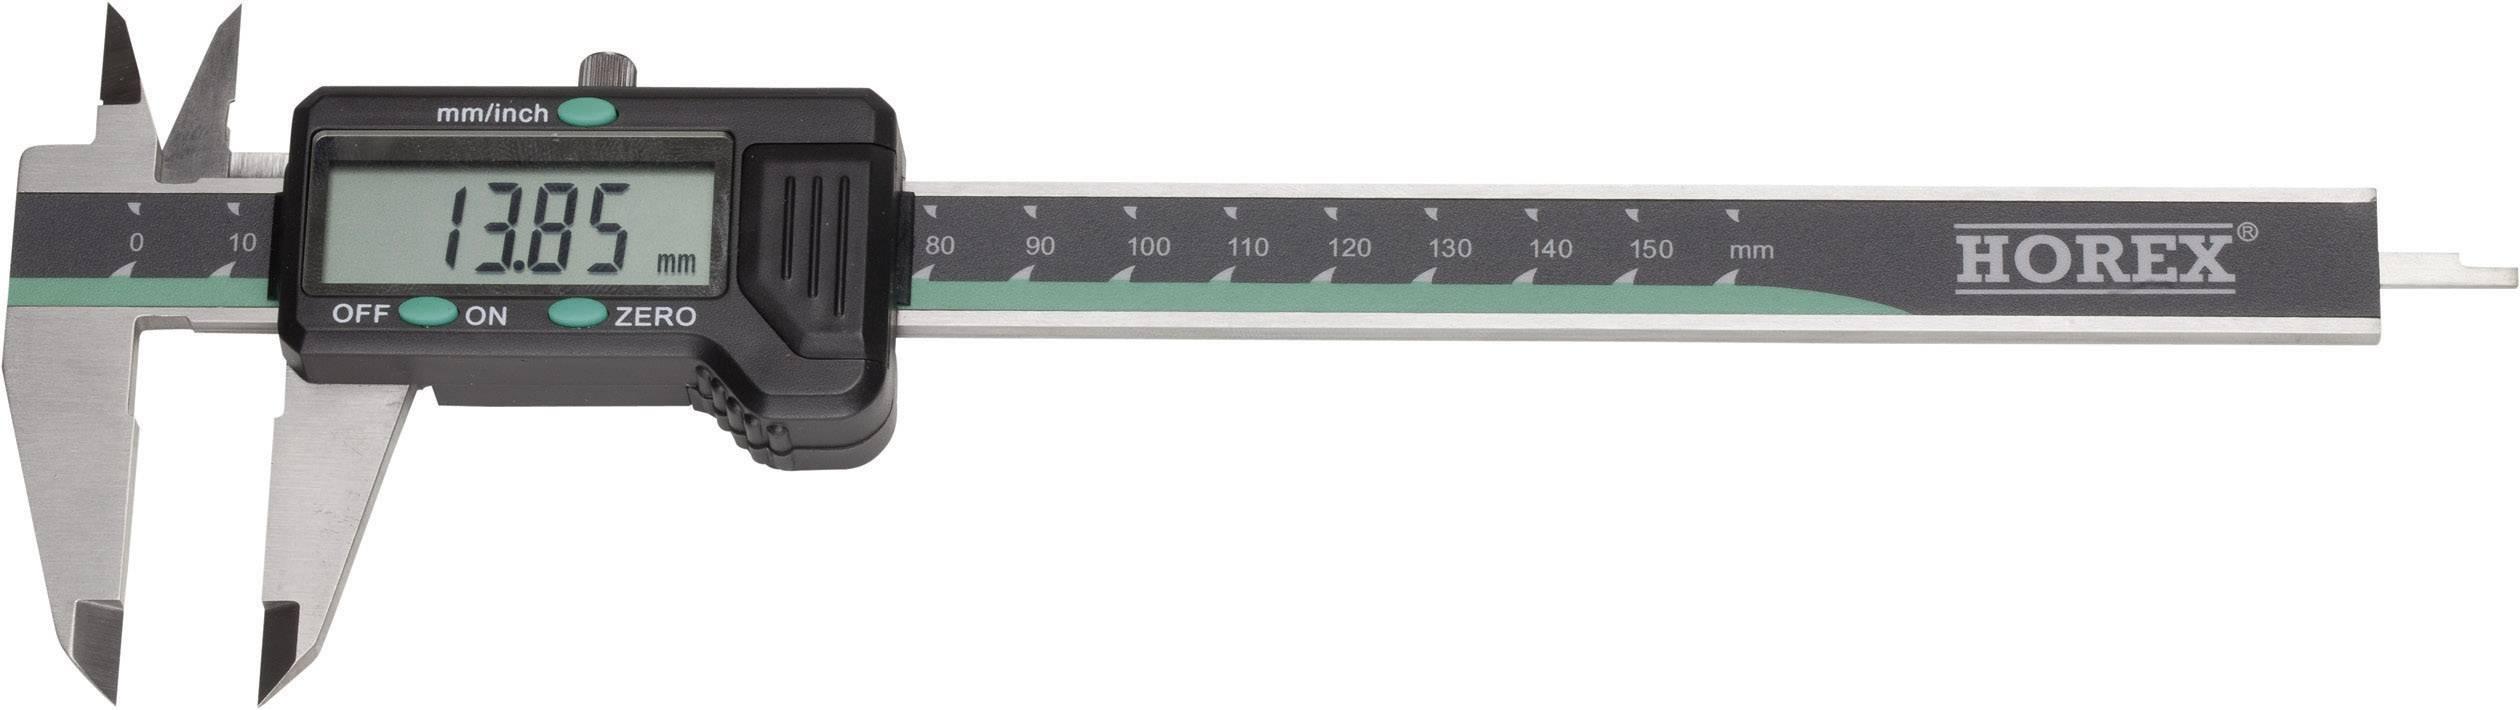 Digitální posuvné měřítko Horex 2211218, 200 mm